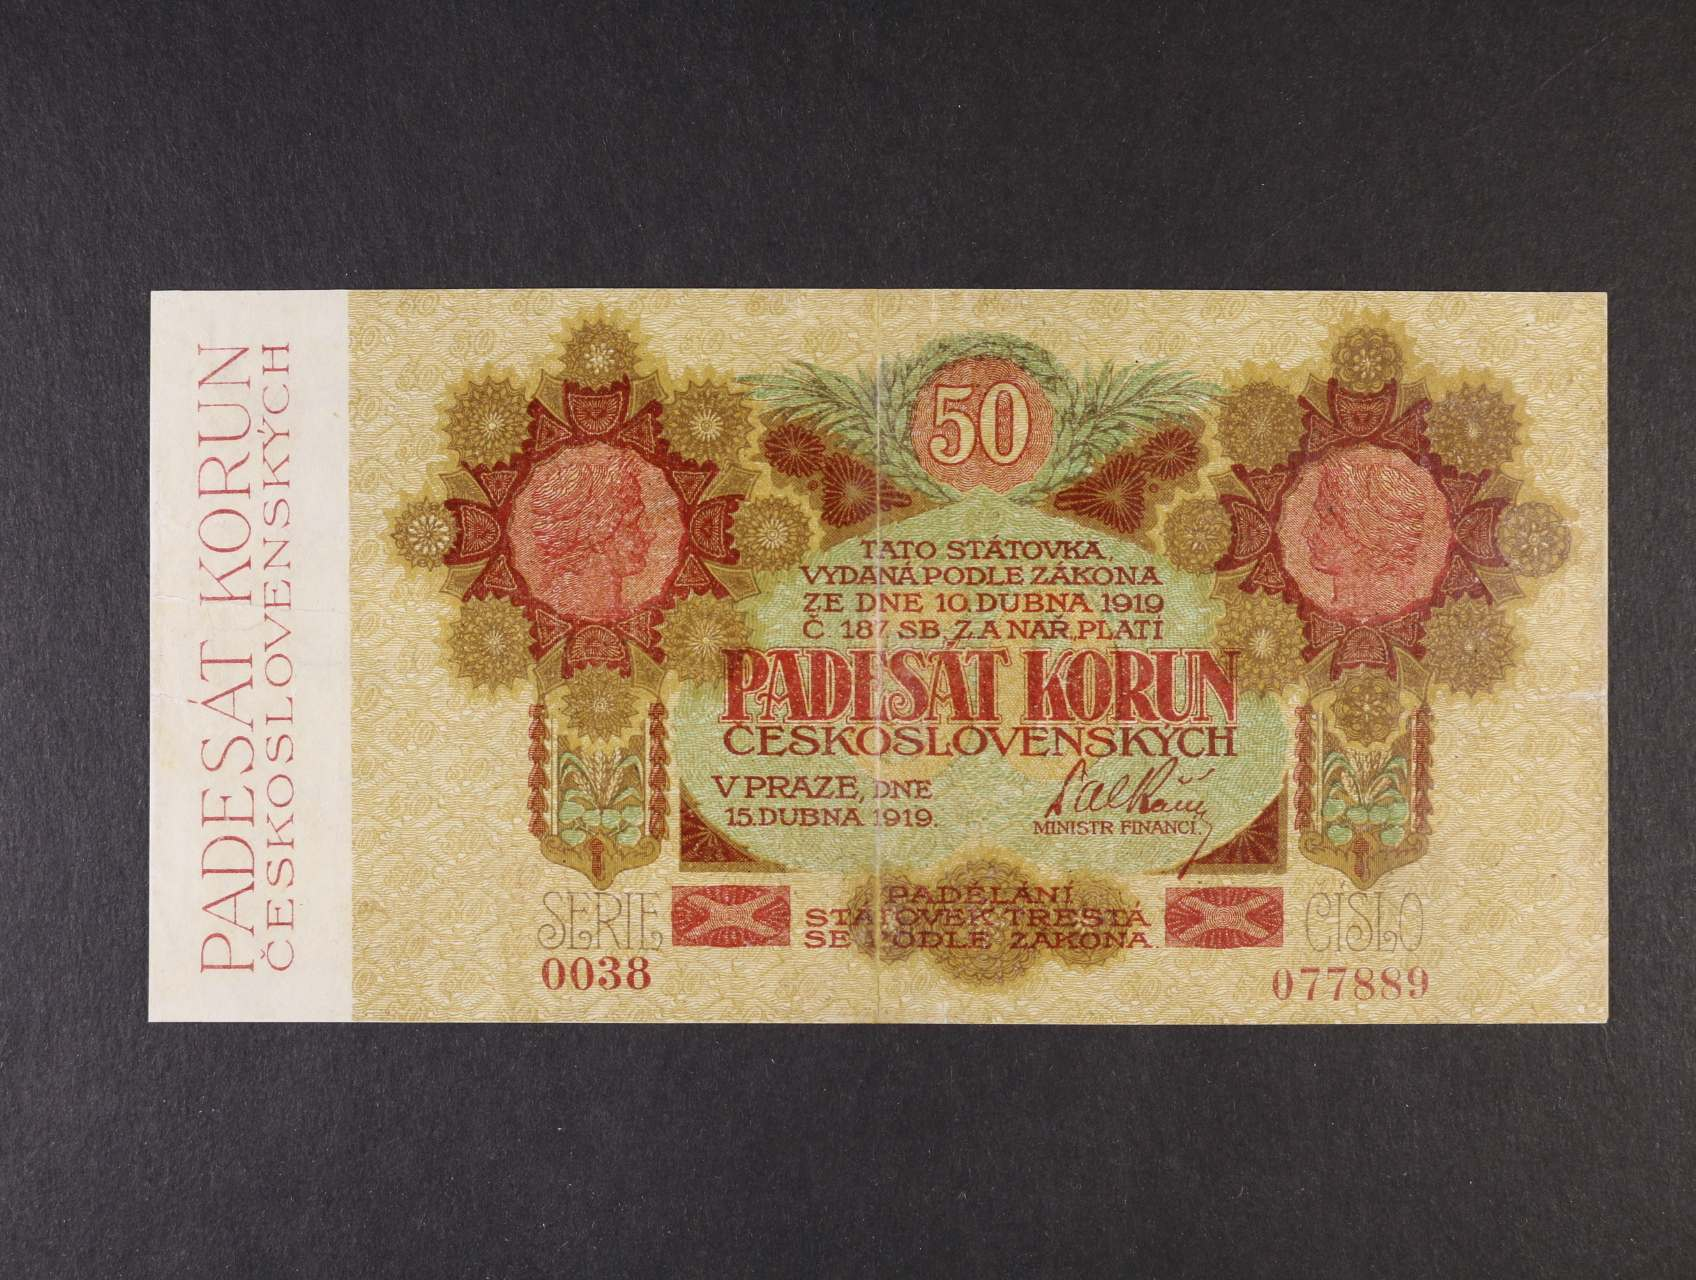 50 Kč 15.4.1919 série 0038 úzké číslice, Ba. 11a, Pi. 10a